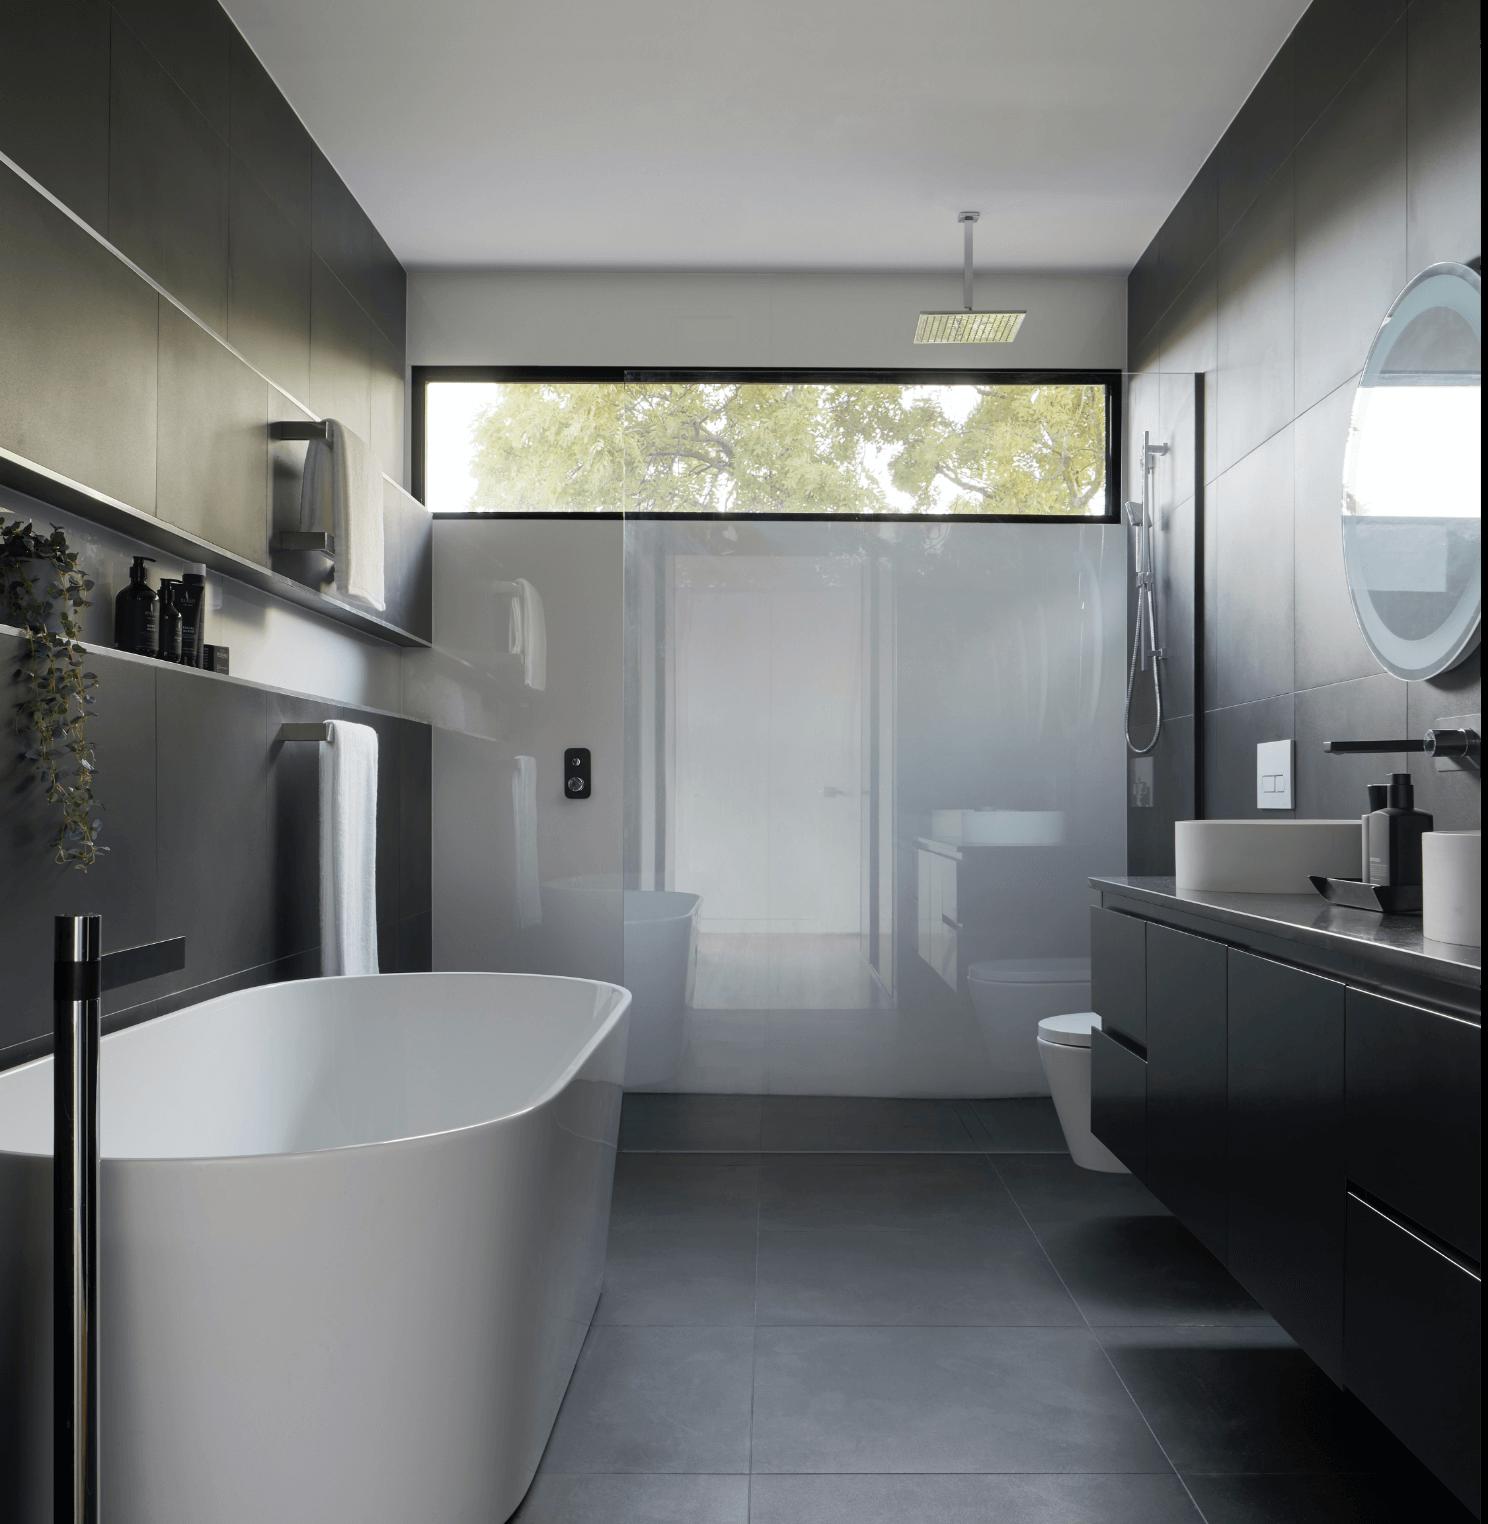 A bathroom created by Steylaerts